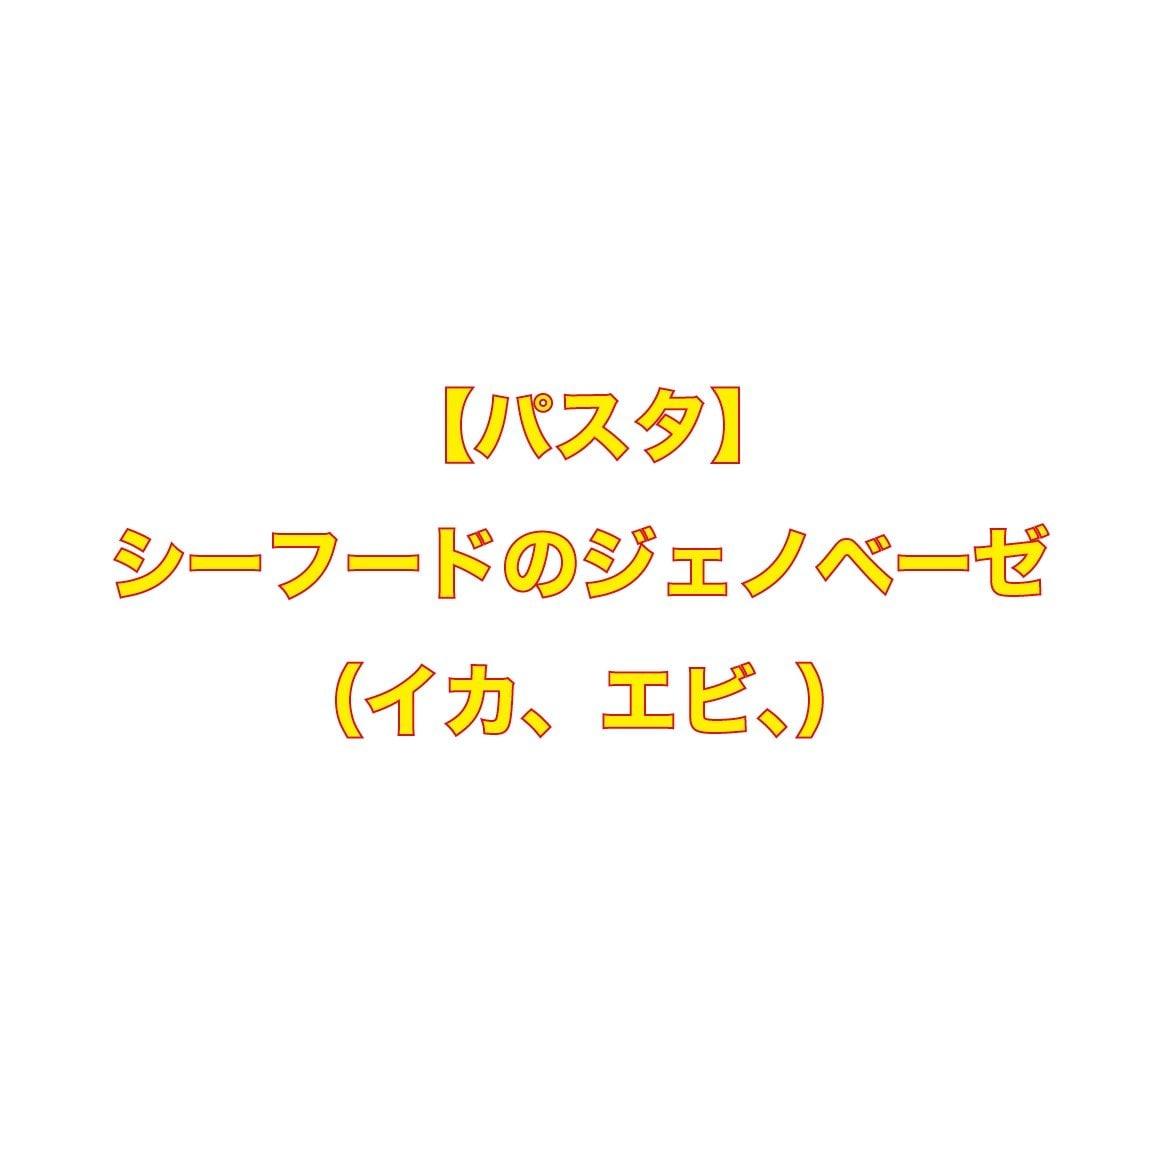 【パスタ】シーフードのジェノベーゼ (イカ、エビ、)《店内注文》のイメージその1